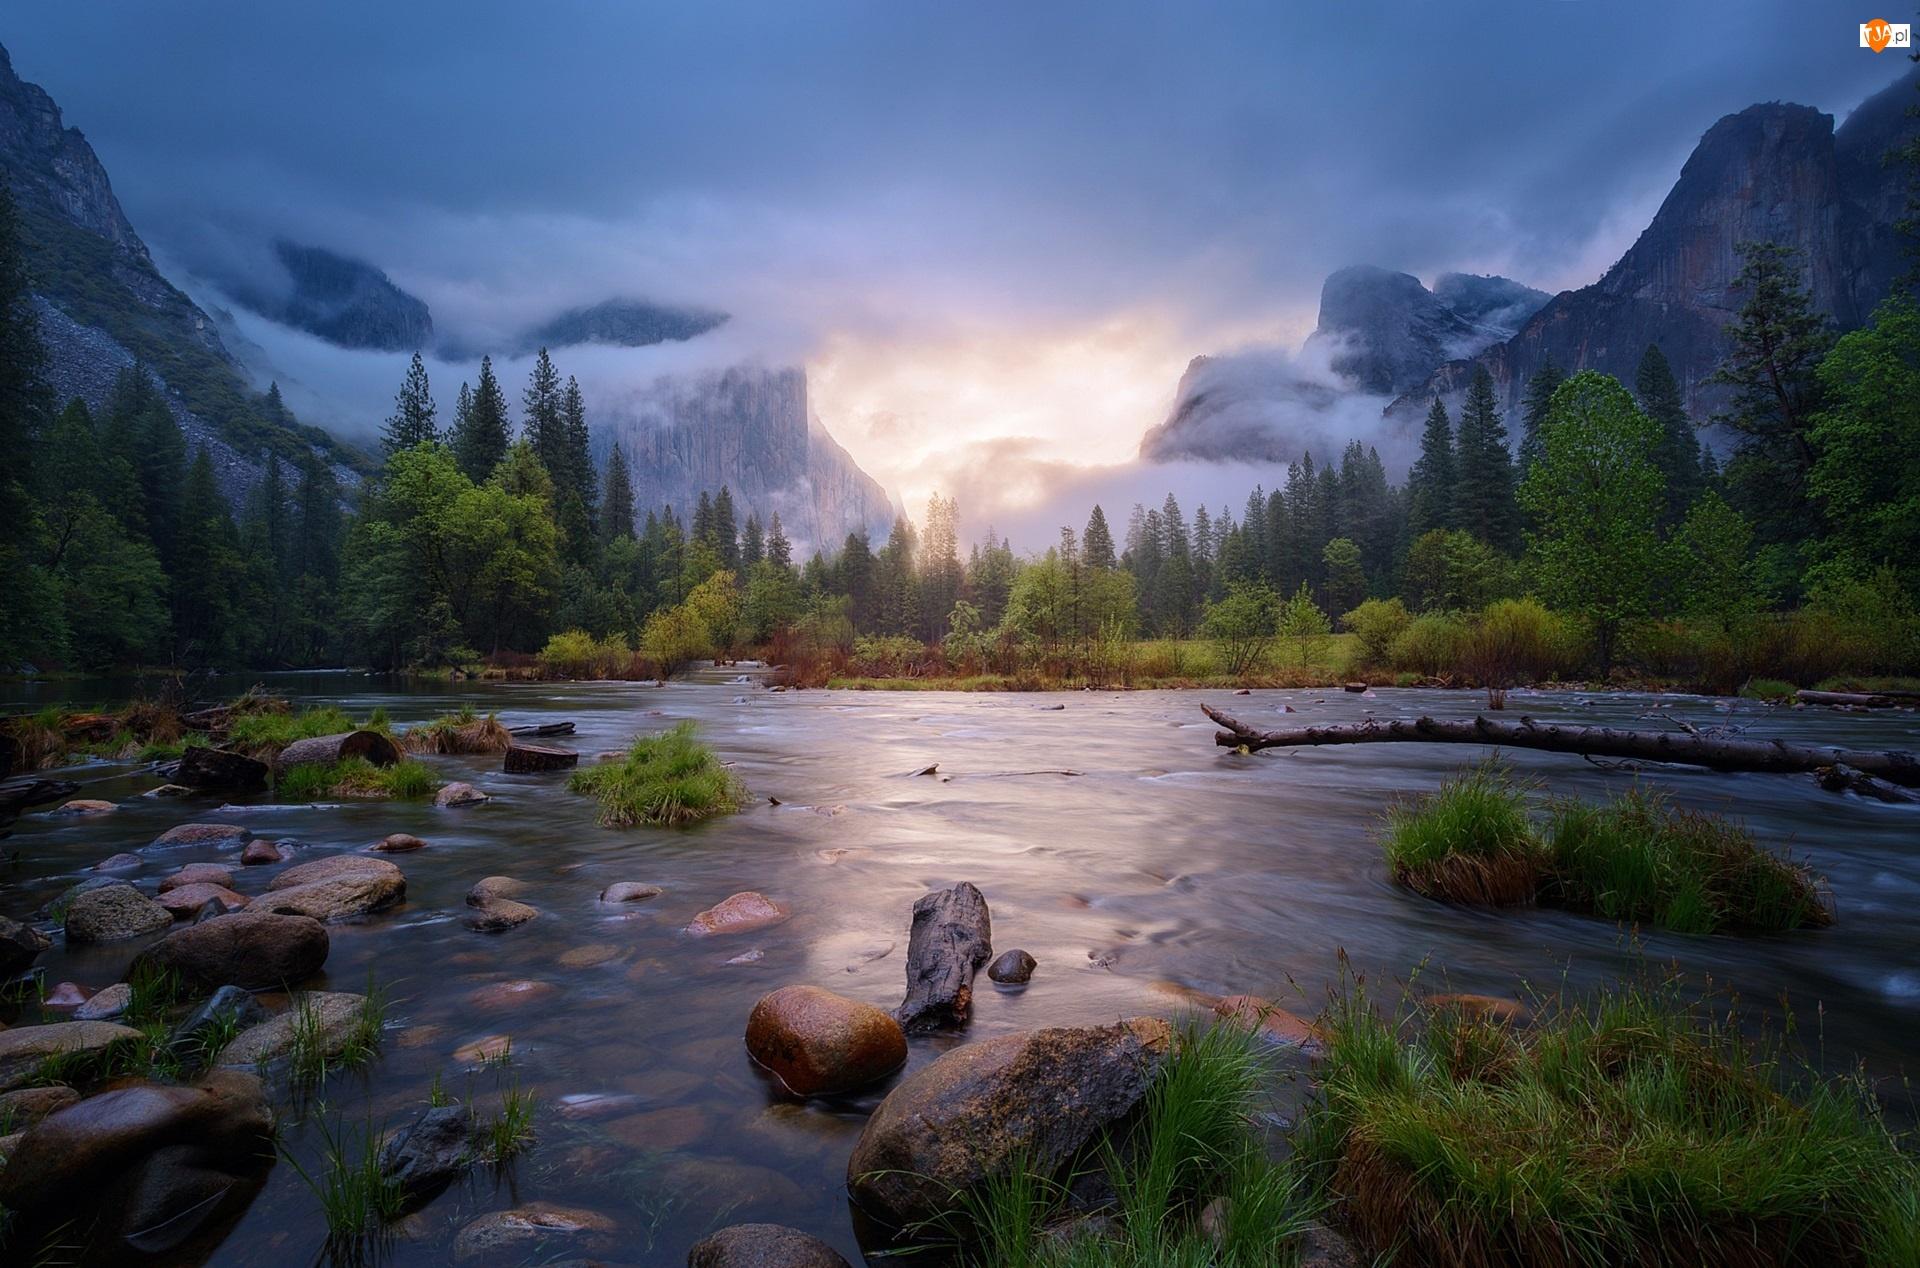 Park Narodowy Yosemite, Rzeka, USA, Góry, Kalifornia, Wiosna